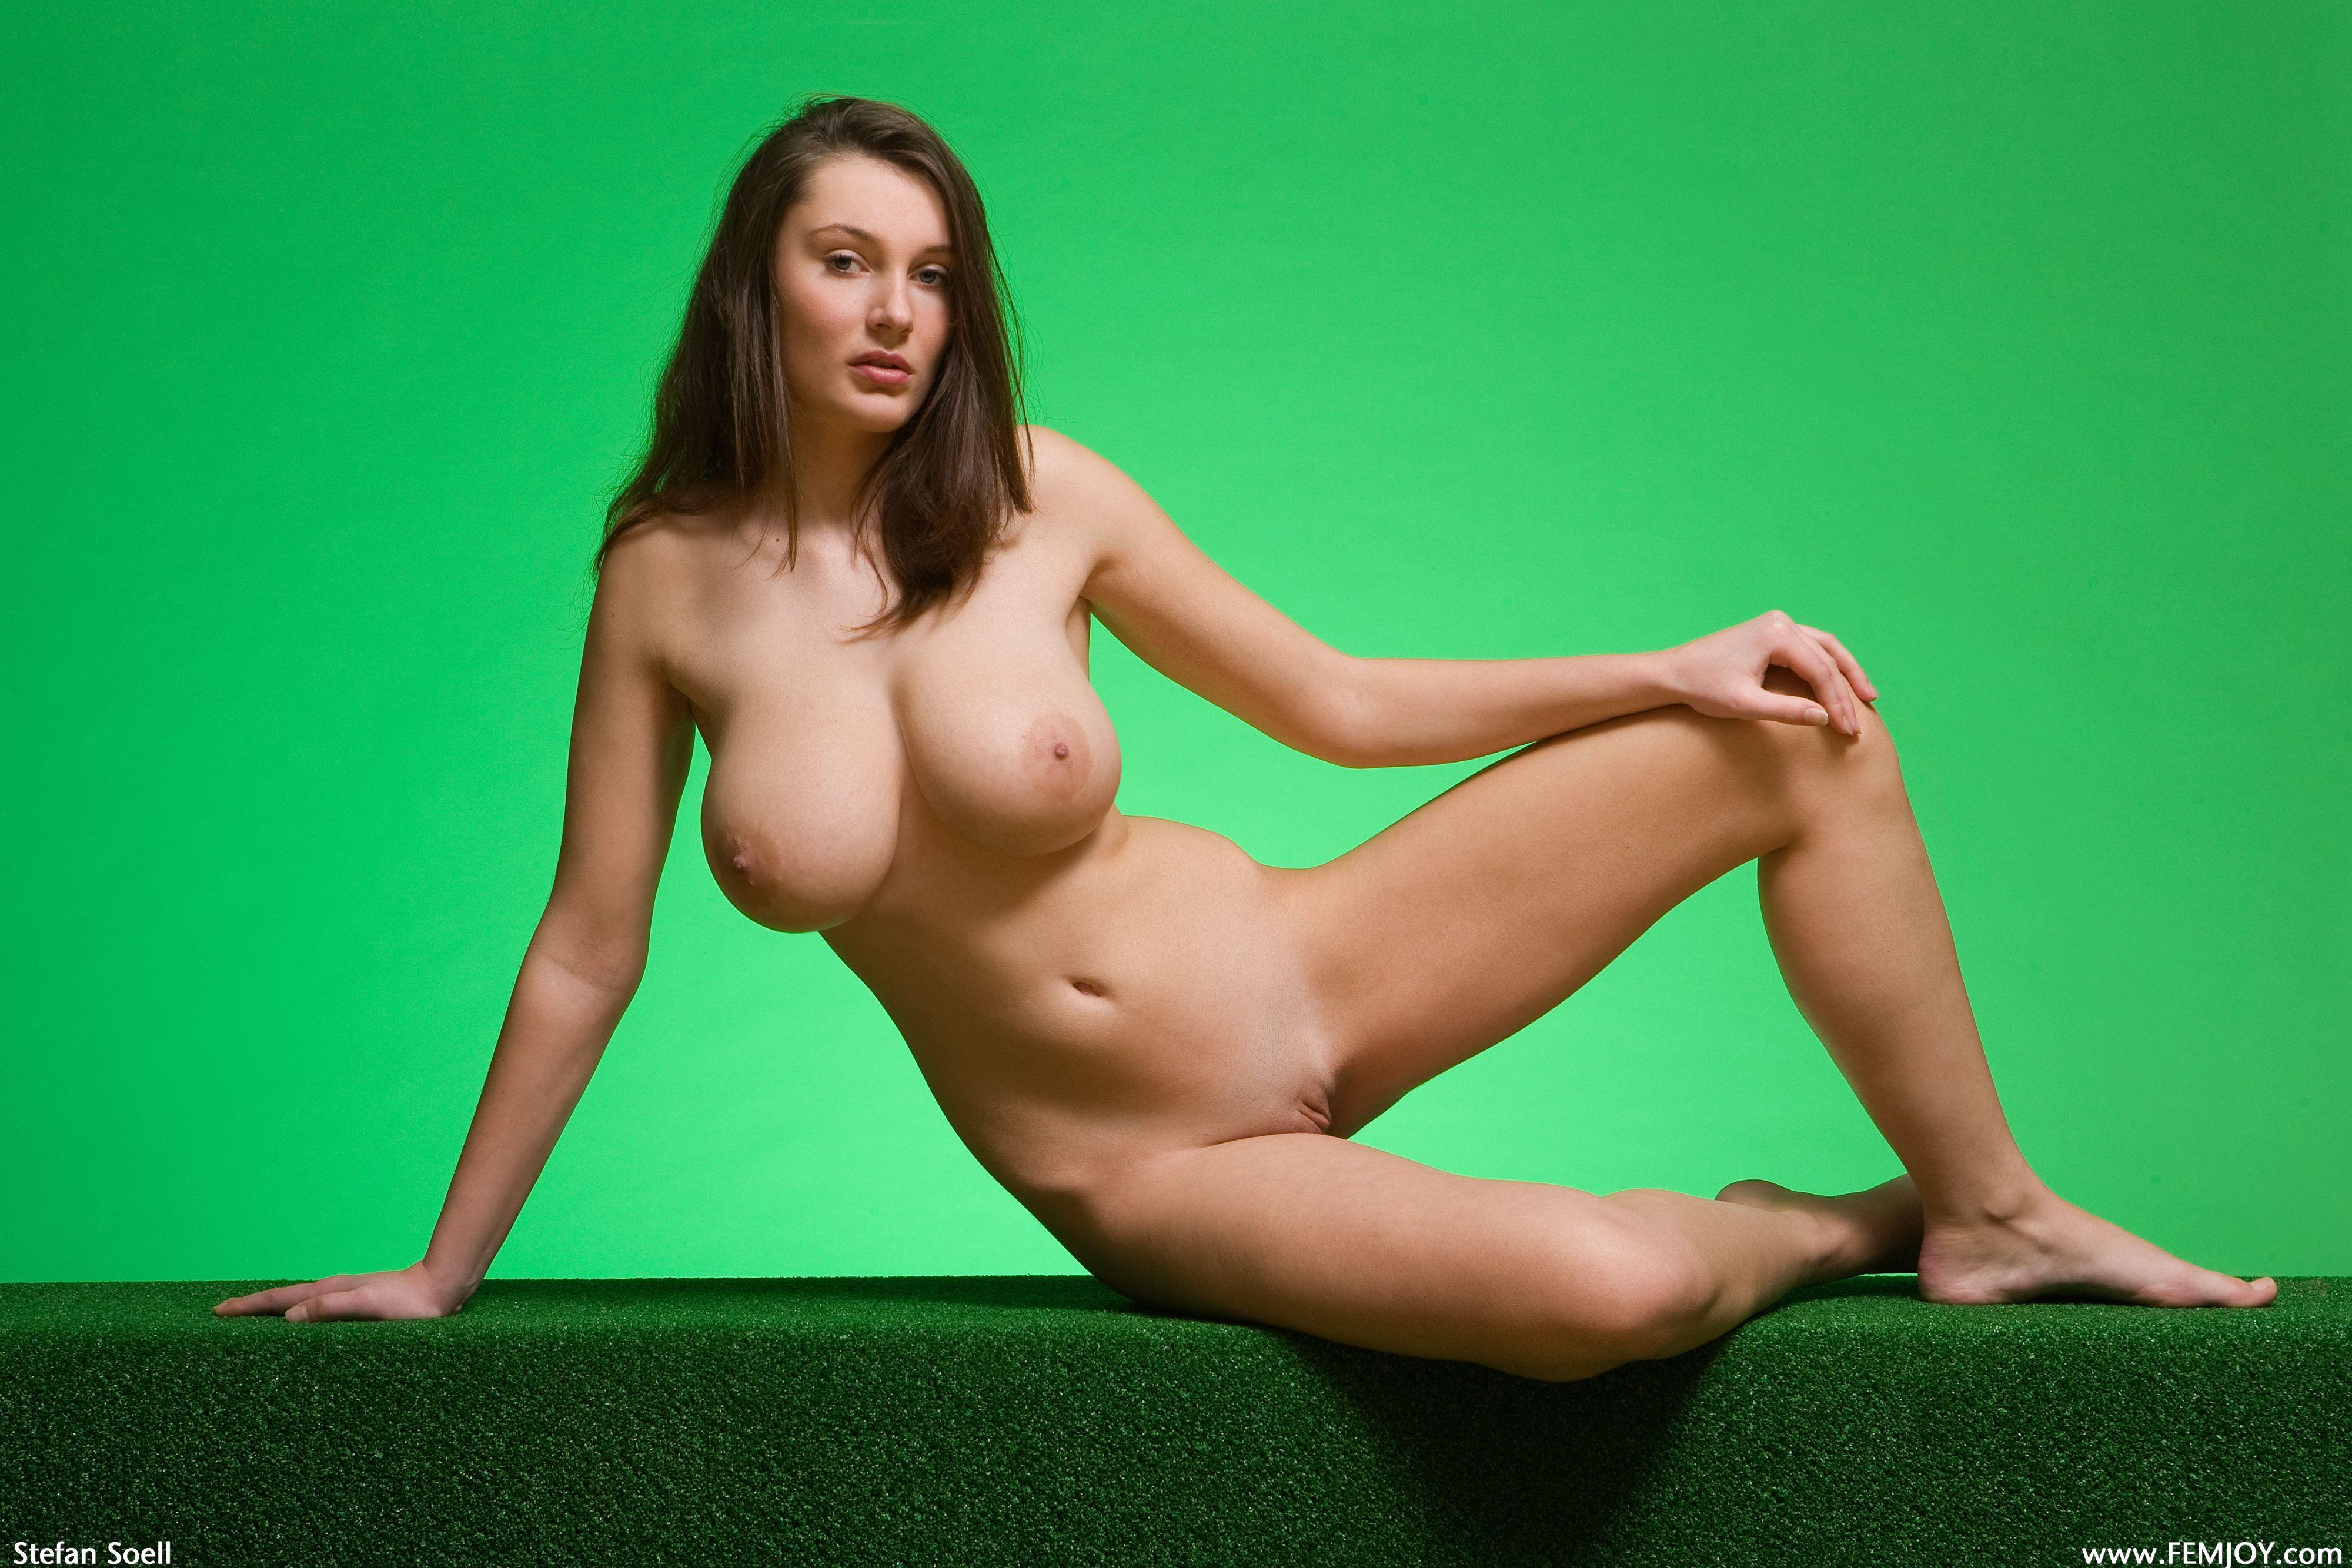 Deliciosa haciendo topless con tanga de gatito - 2 part 10